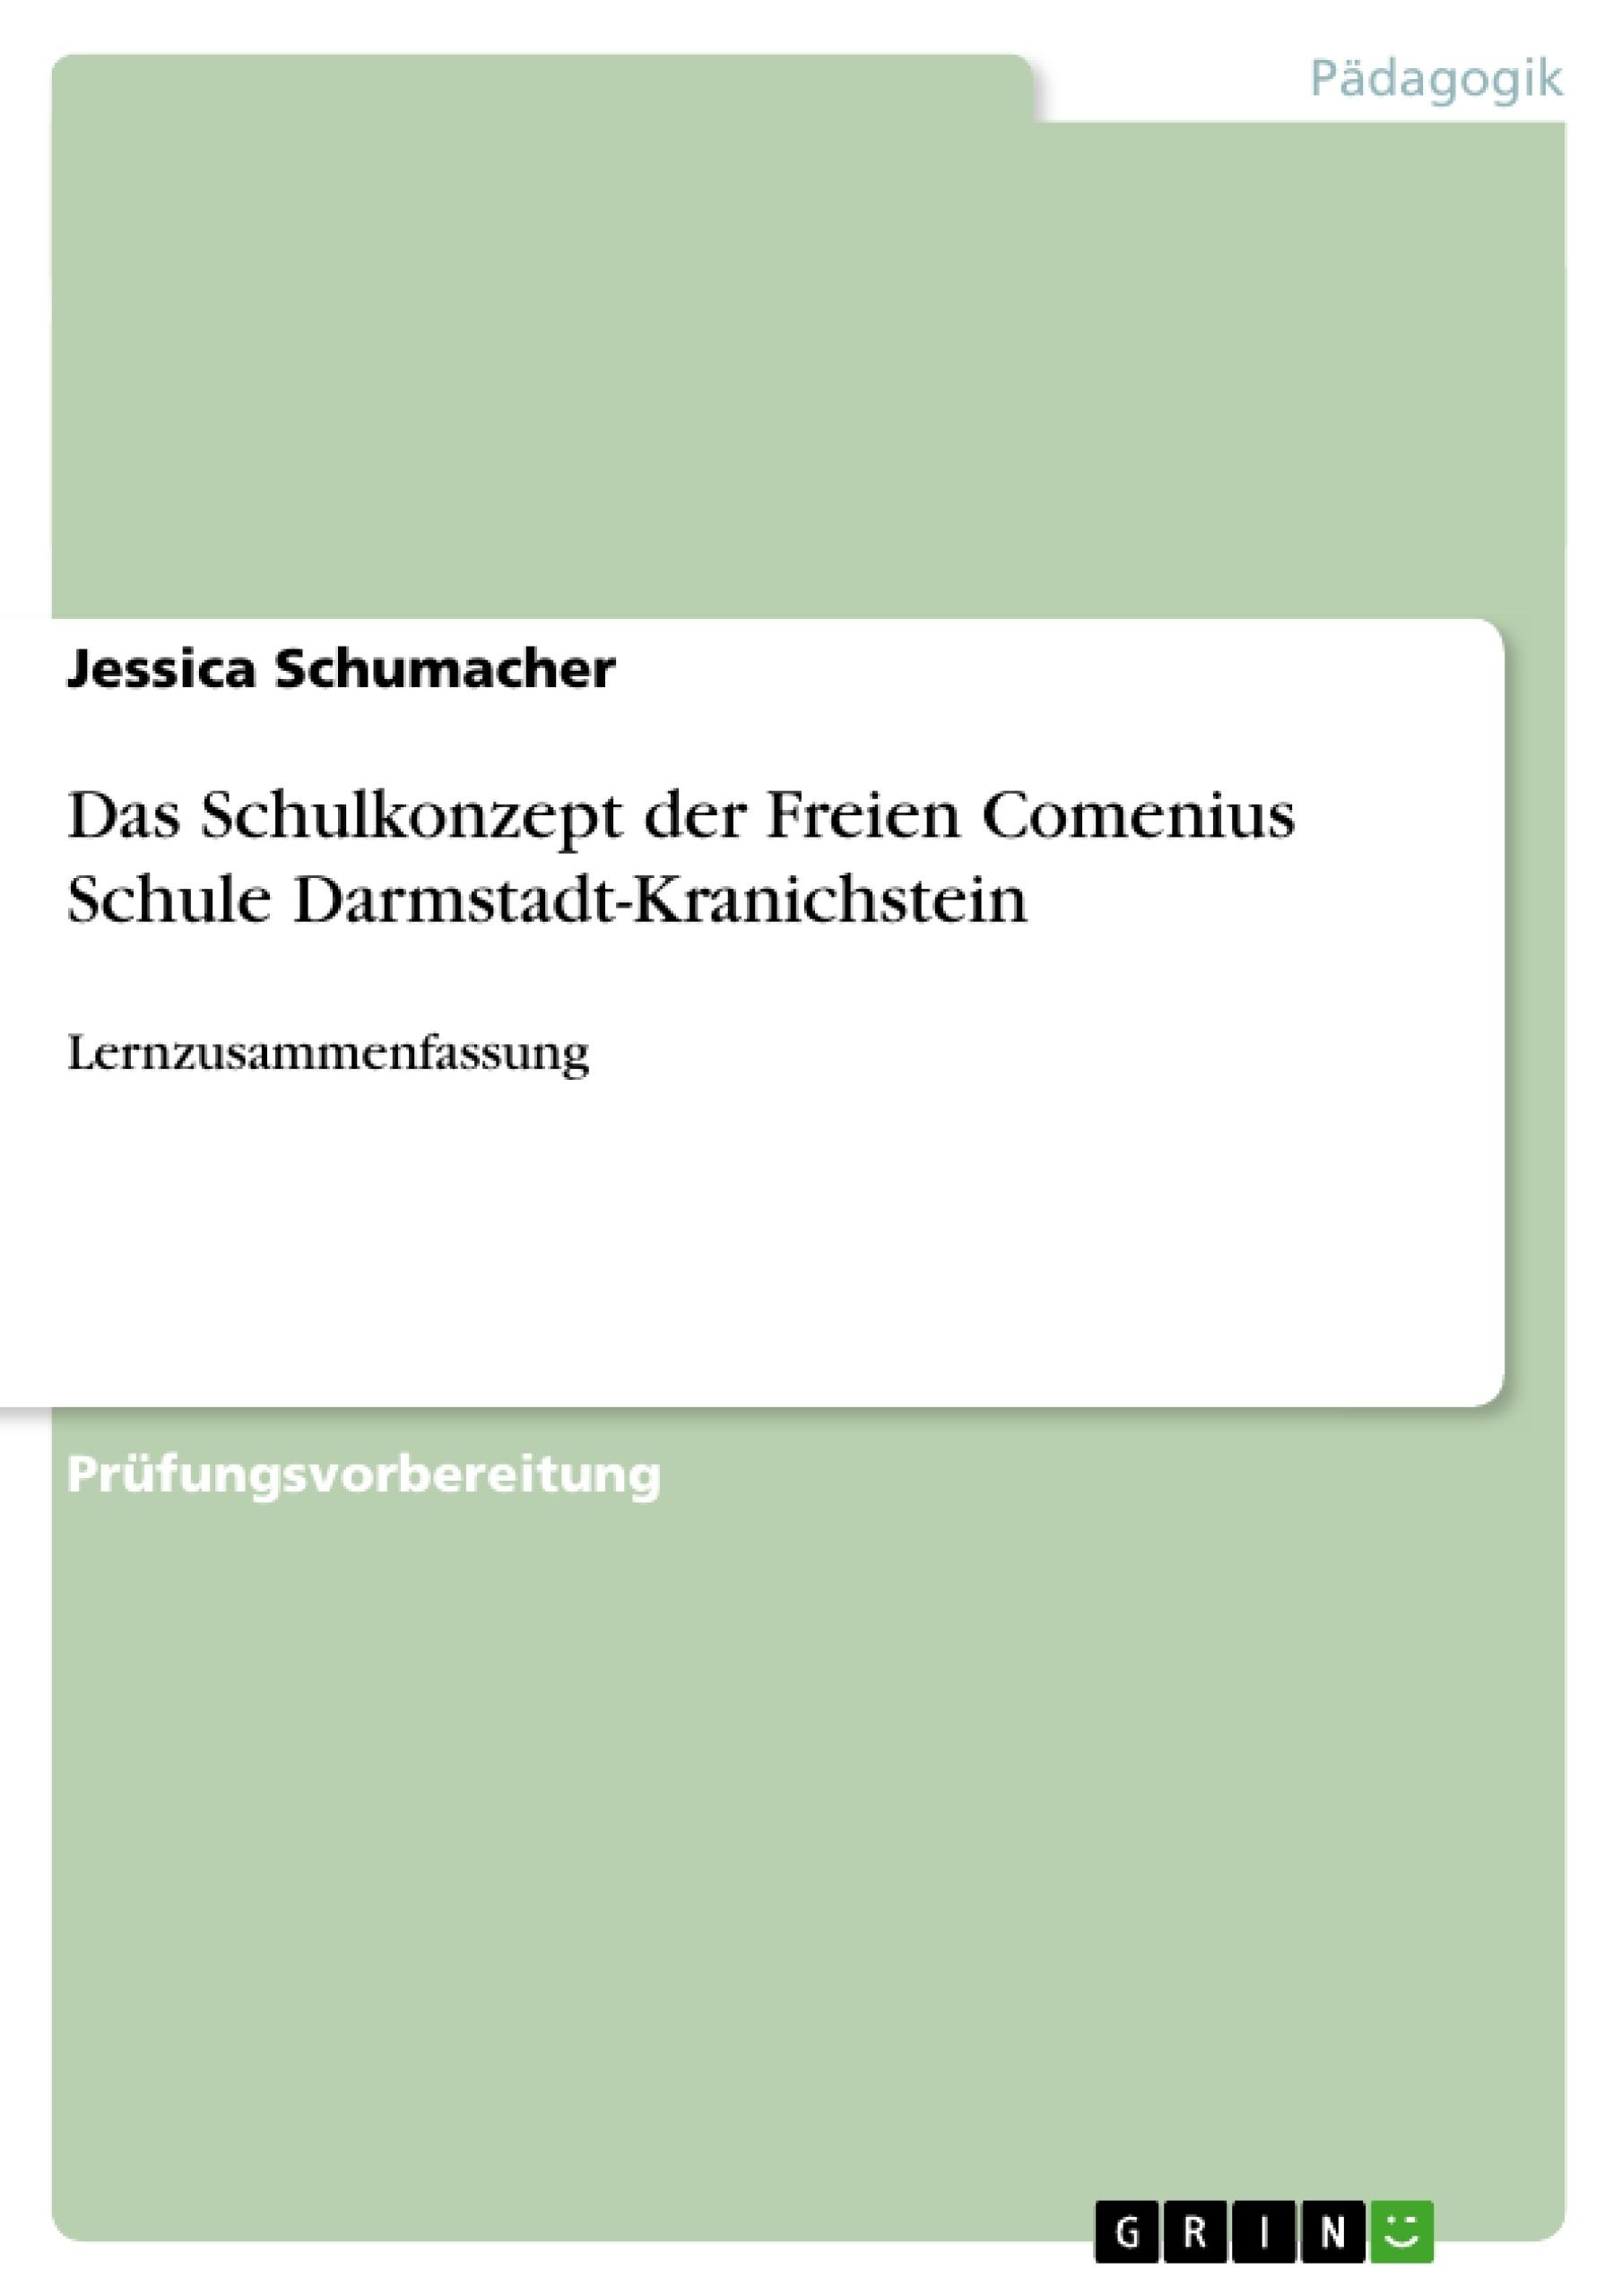 Titel: Das Schulkonzept der Freien Comenius Schule Darmstadt-Kranichstein